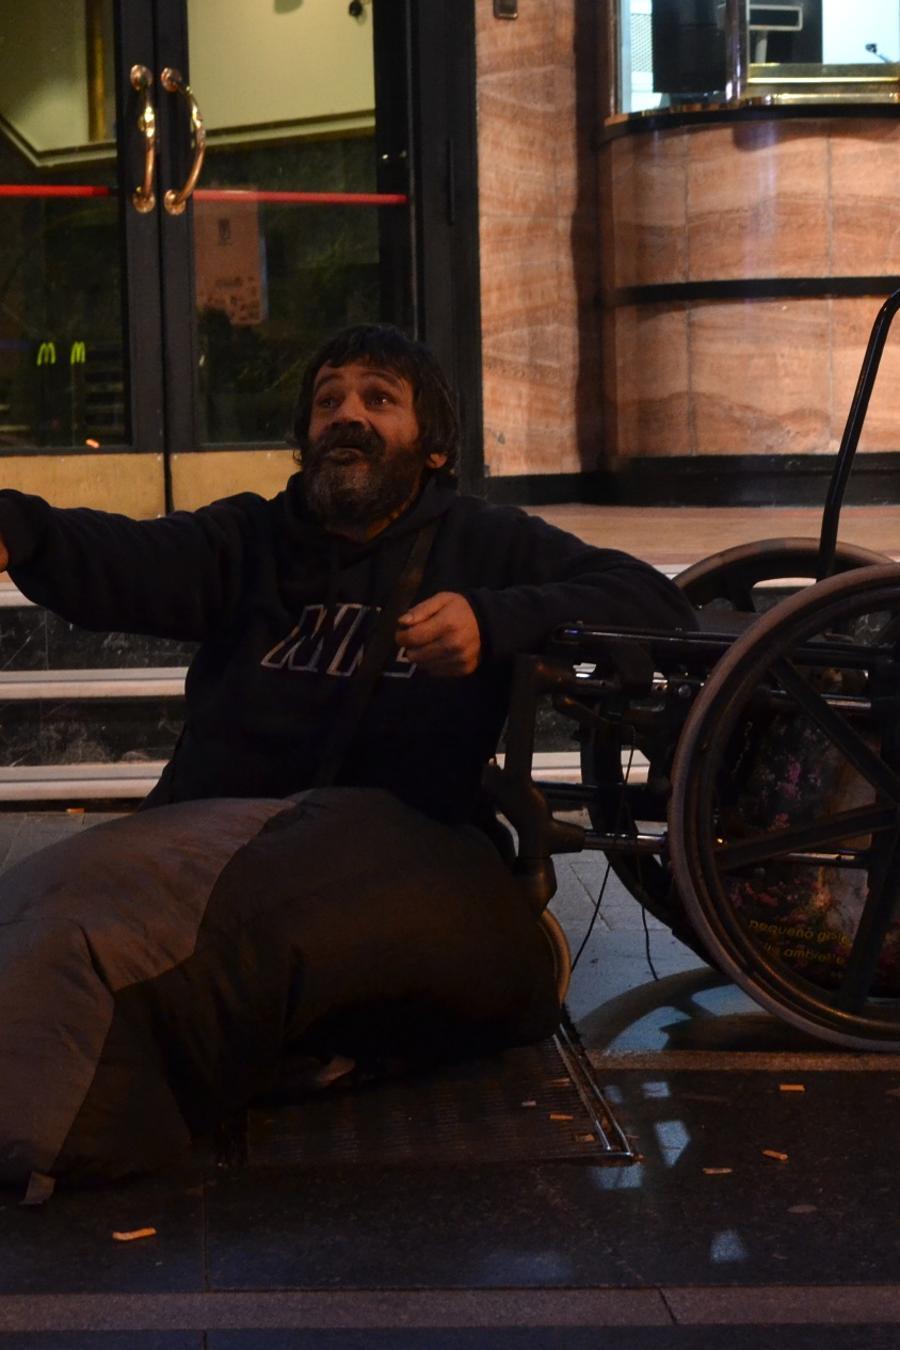 Juan Mascuñano, pidiendo dinero en la Gran Vía, Madrid.